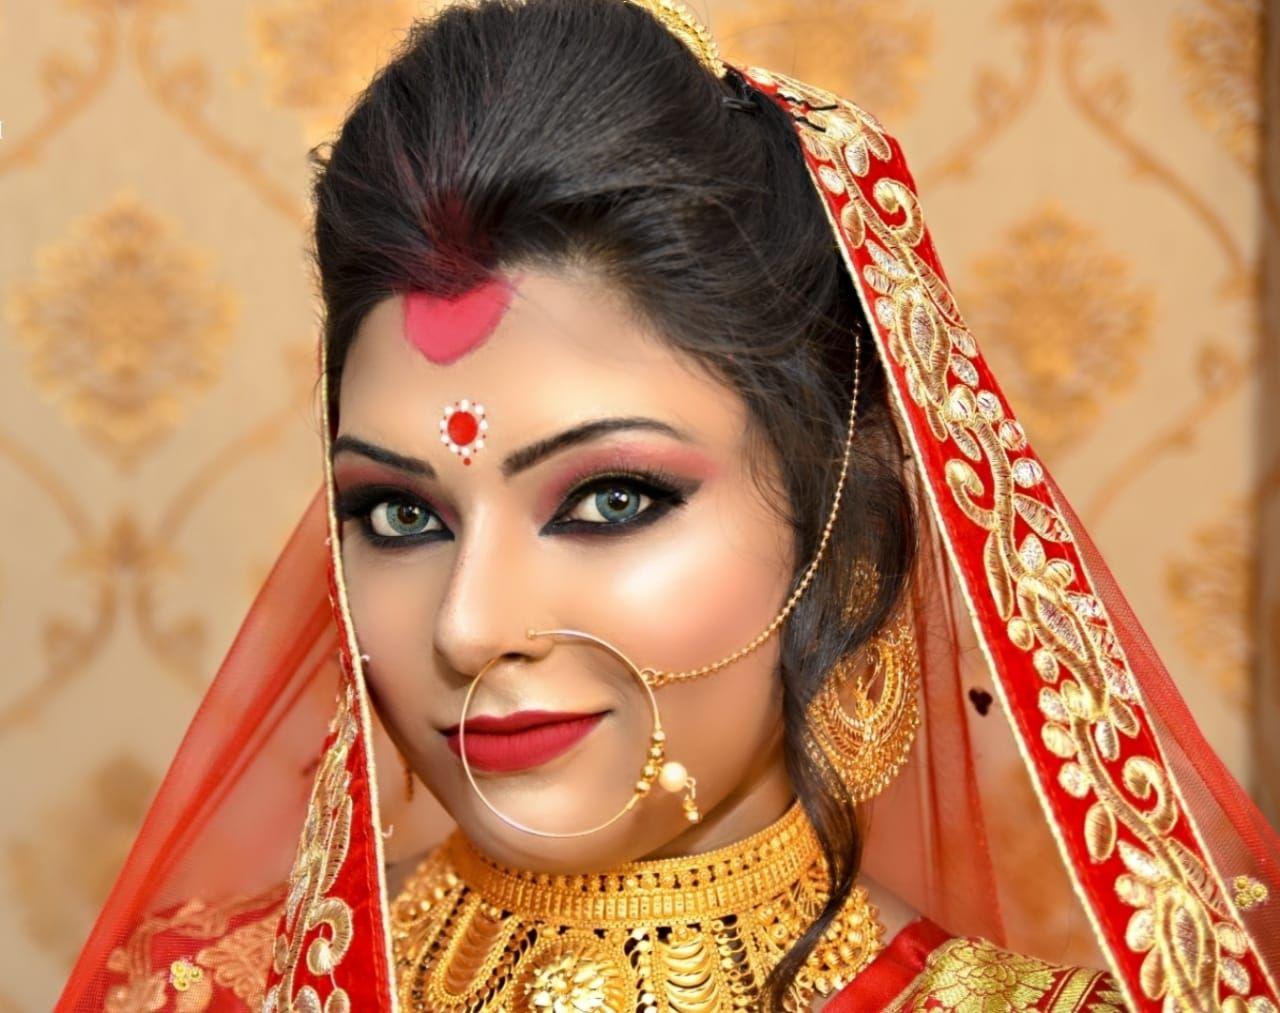 Best makeup artists online in india on shubhbaraat